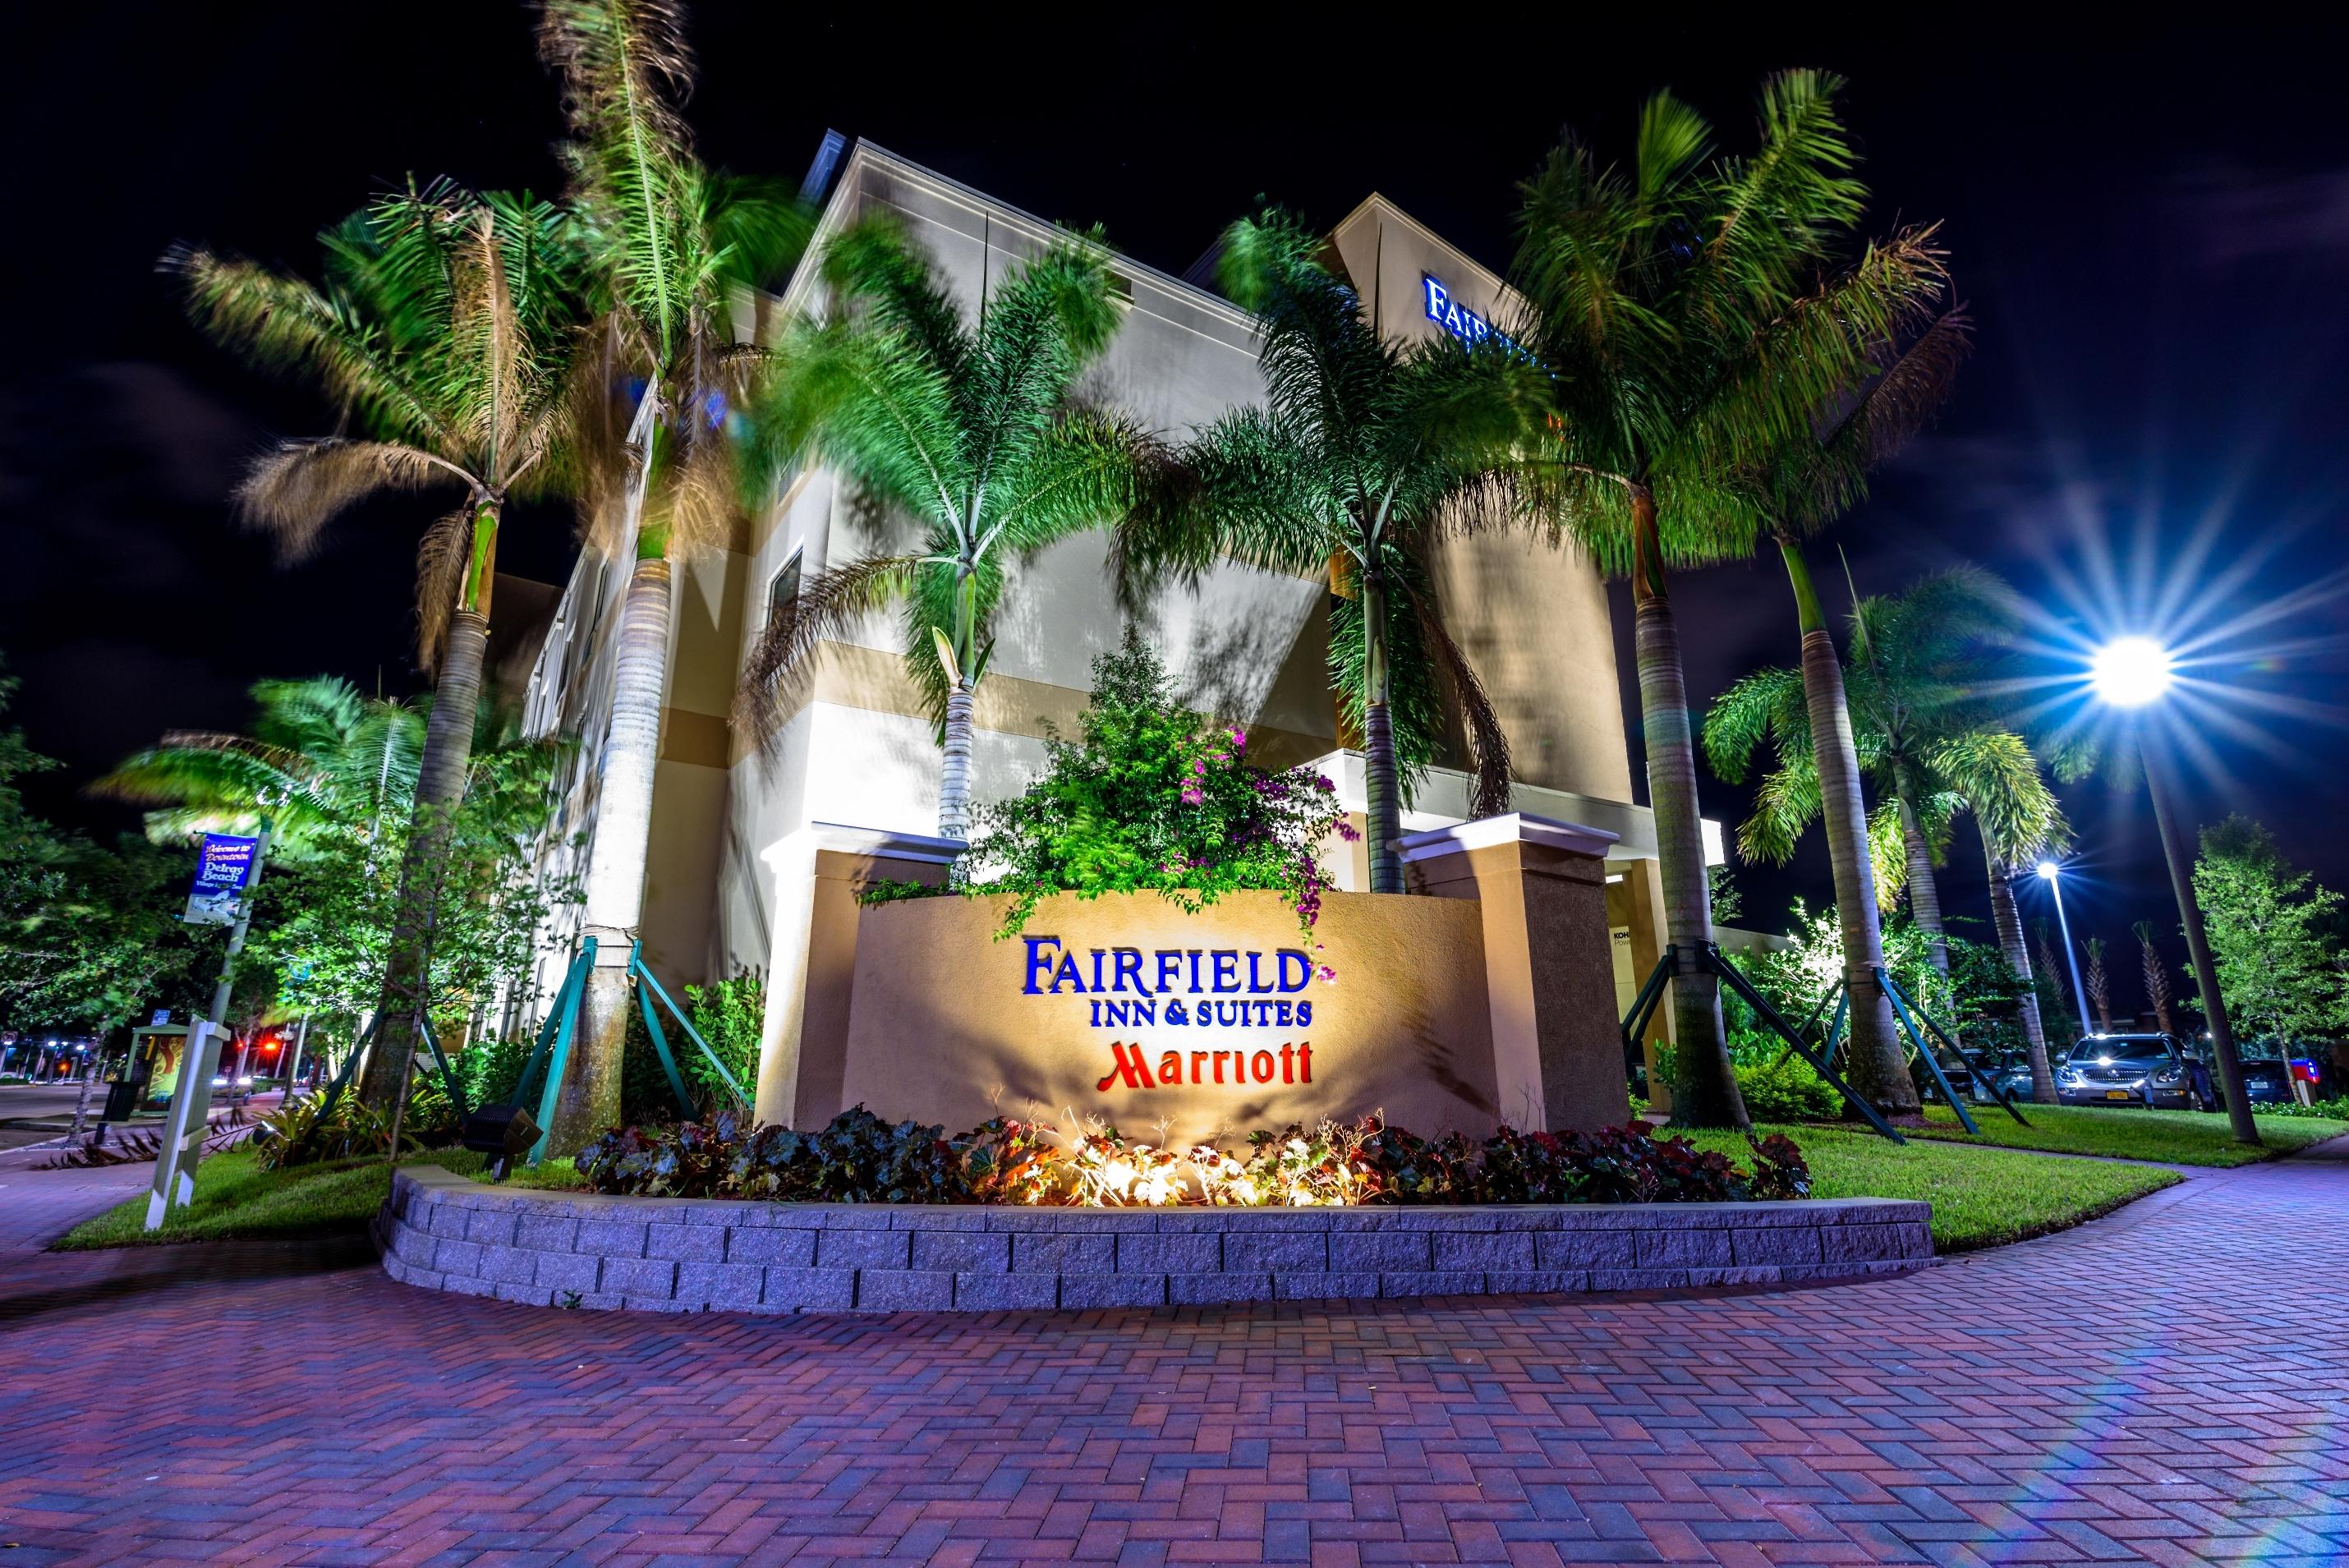 Fairfield Inn & Suites by Marriott Delray Beach I-95 image 0